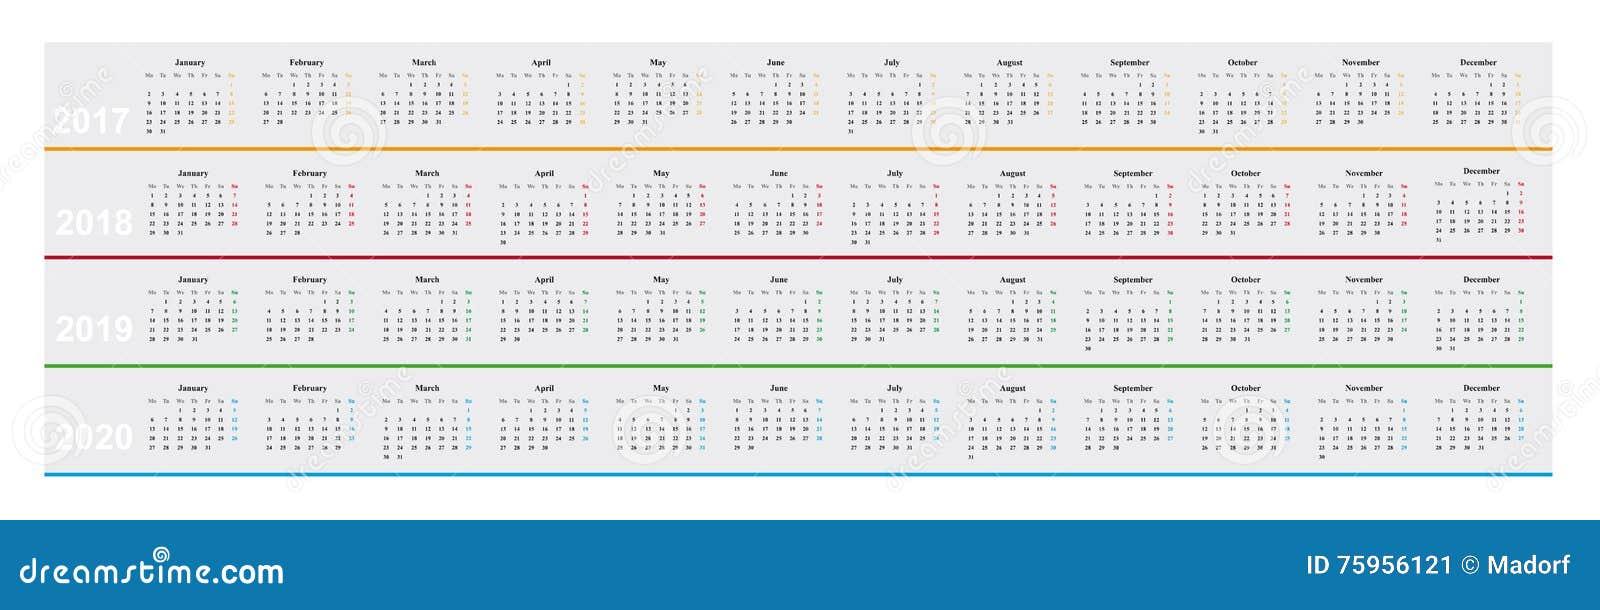 Calendario Anno 2017.Calendario Dell Anno 2017 2018 2019 2020 Progettazione